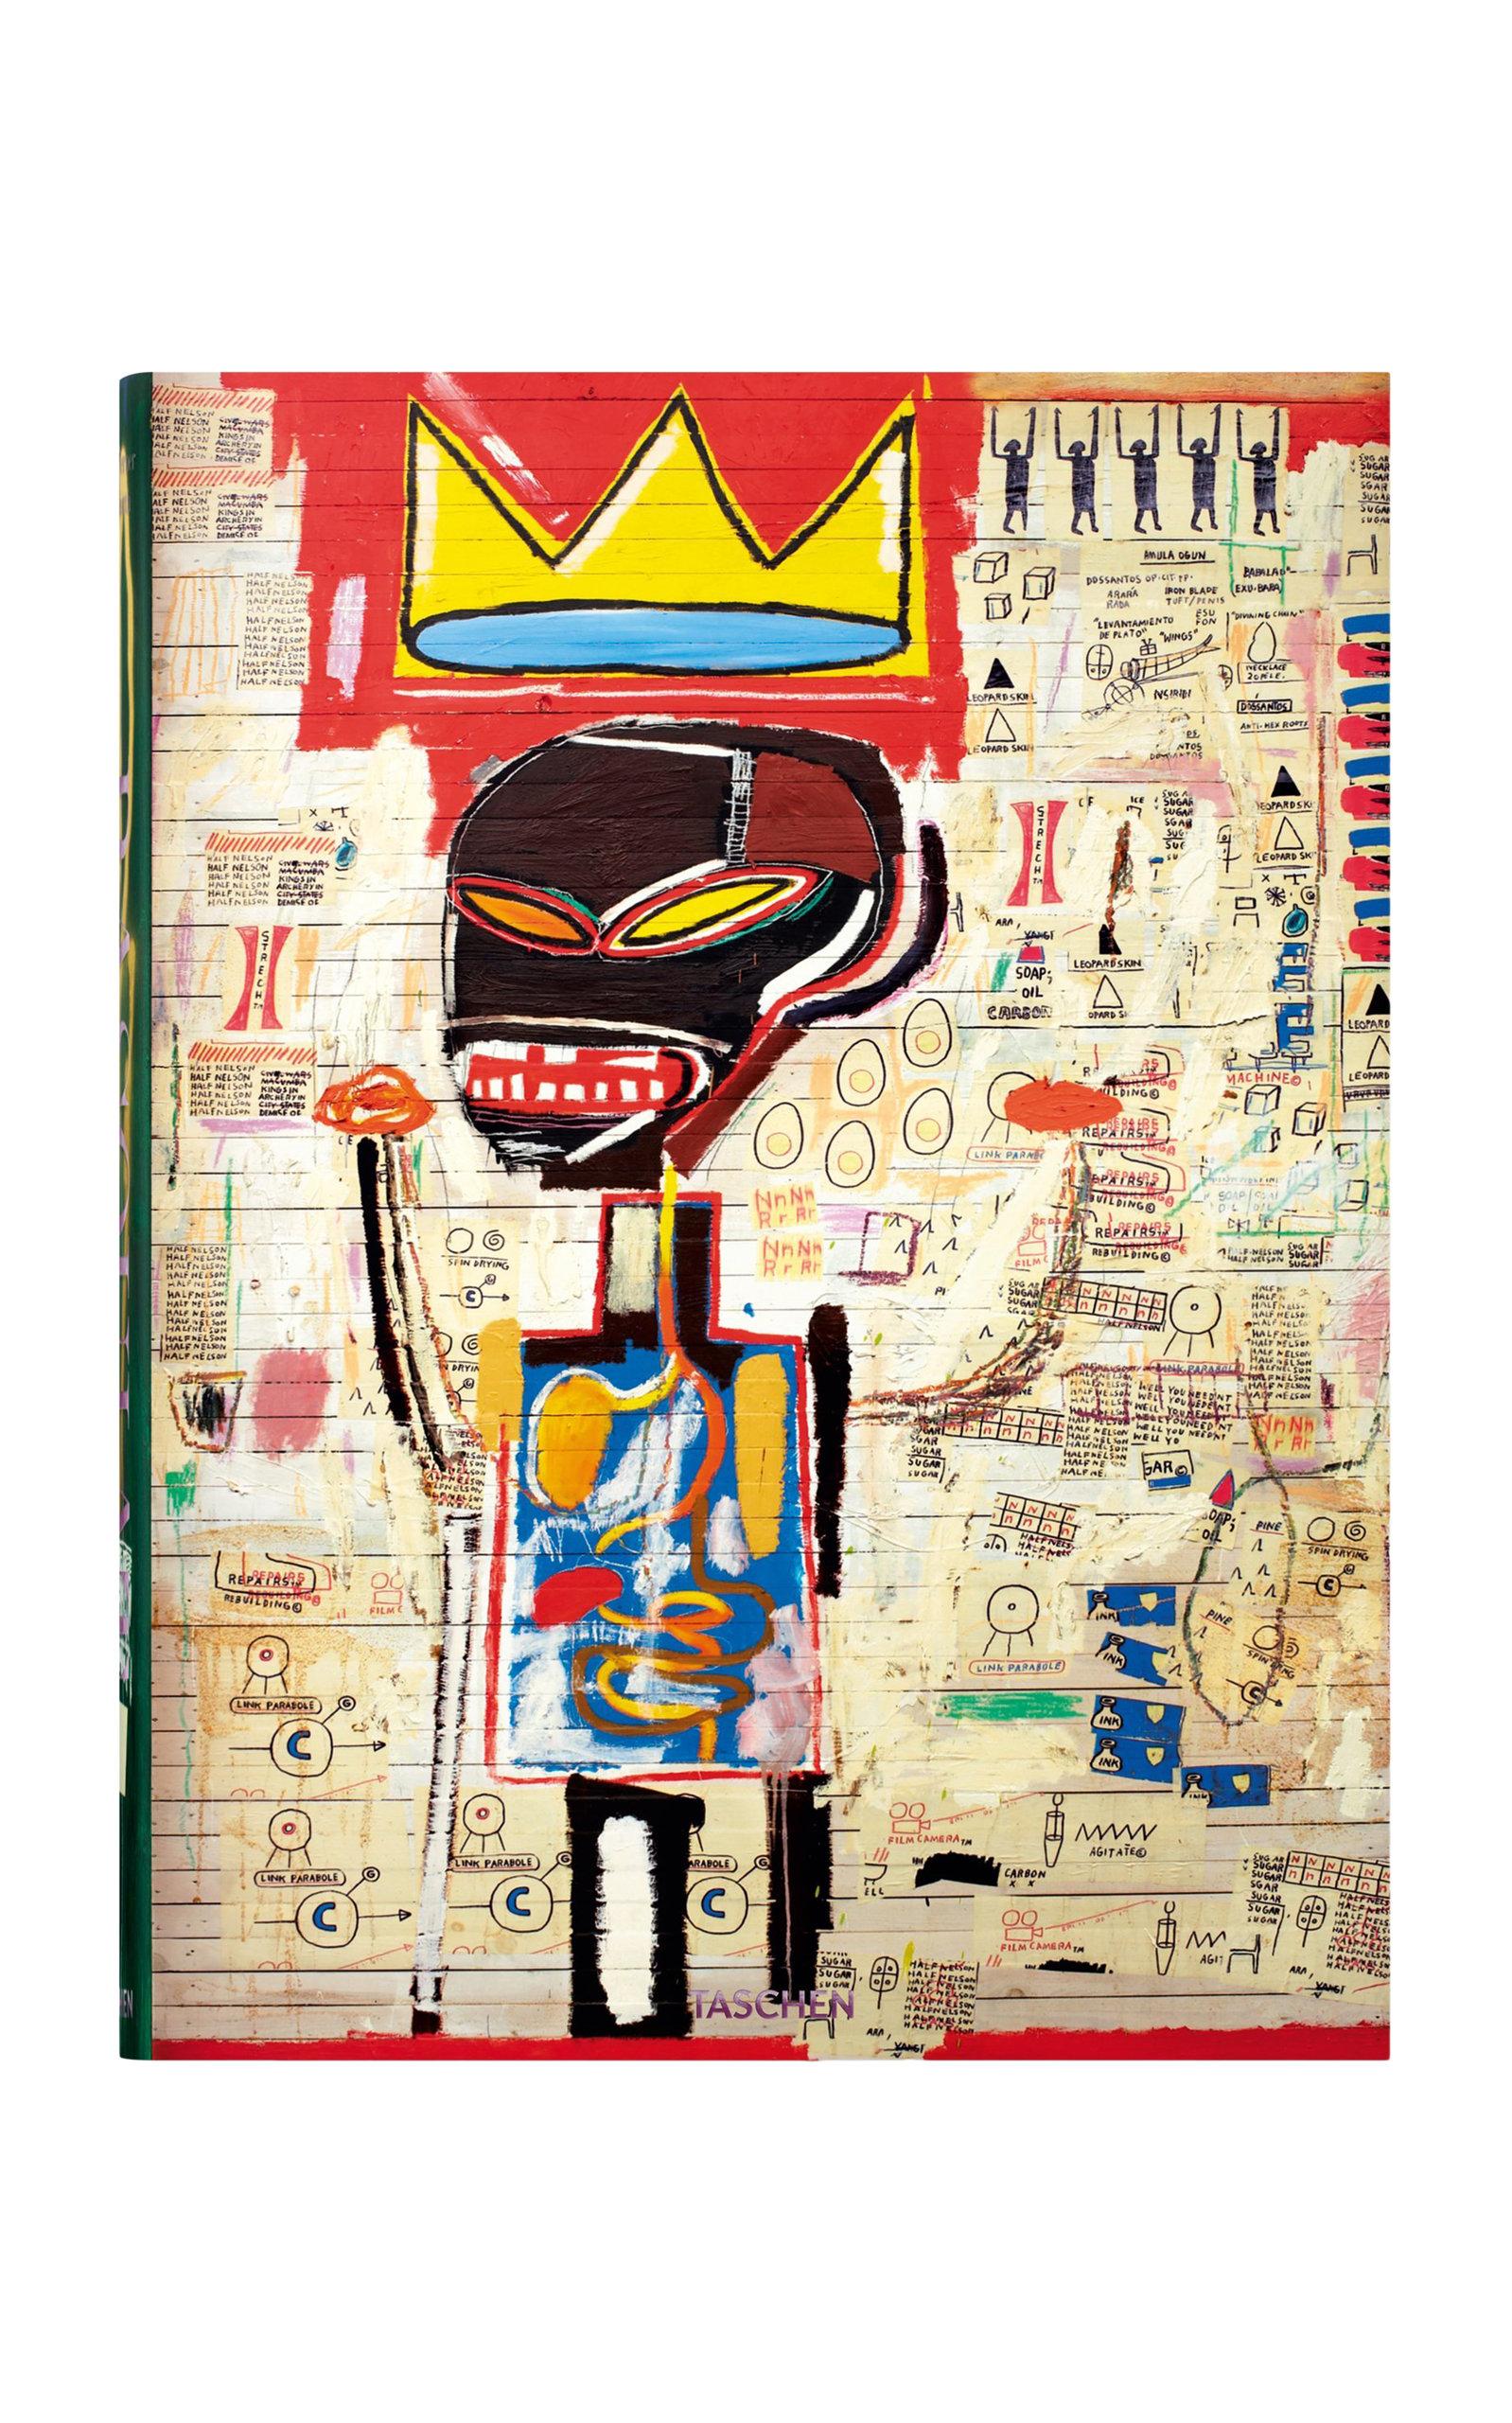 Taschen Jean Michel Basquiat Book